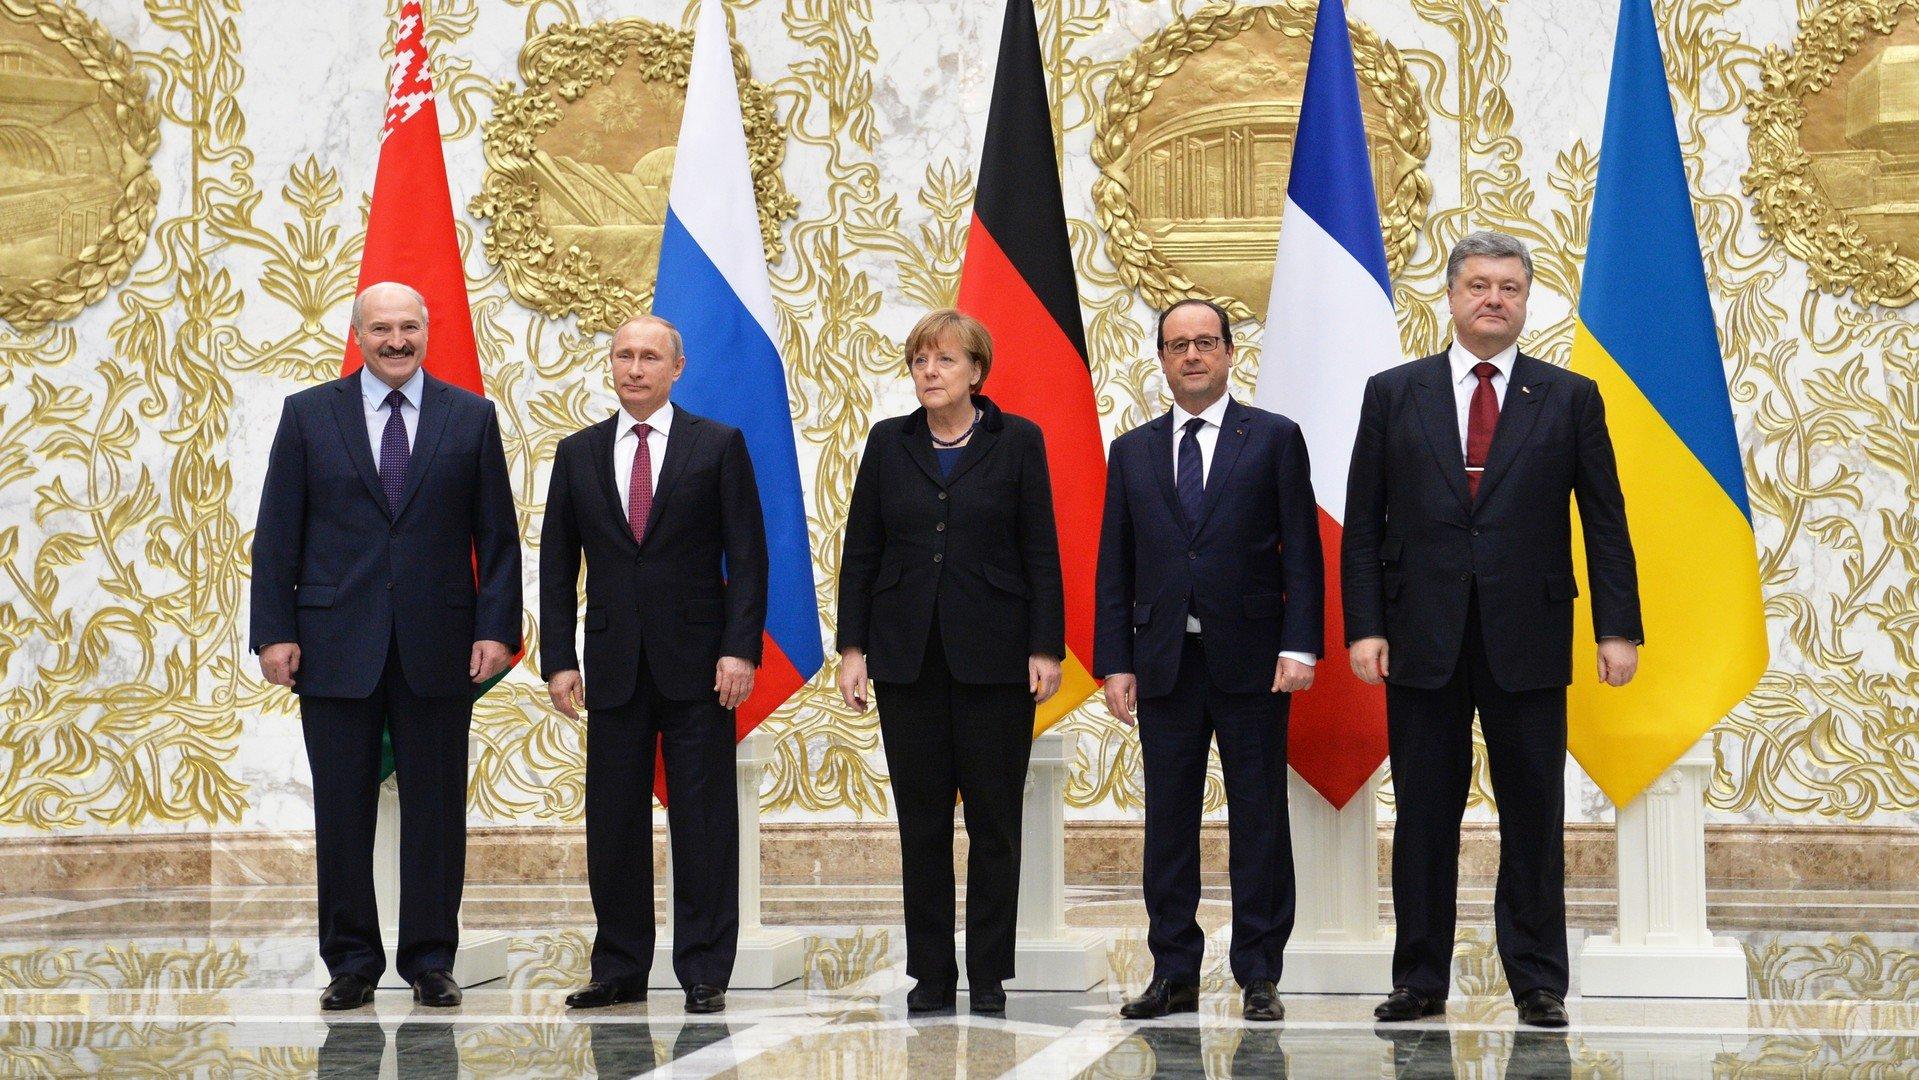 La séance photo des dirigeants